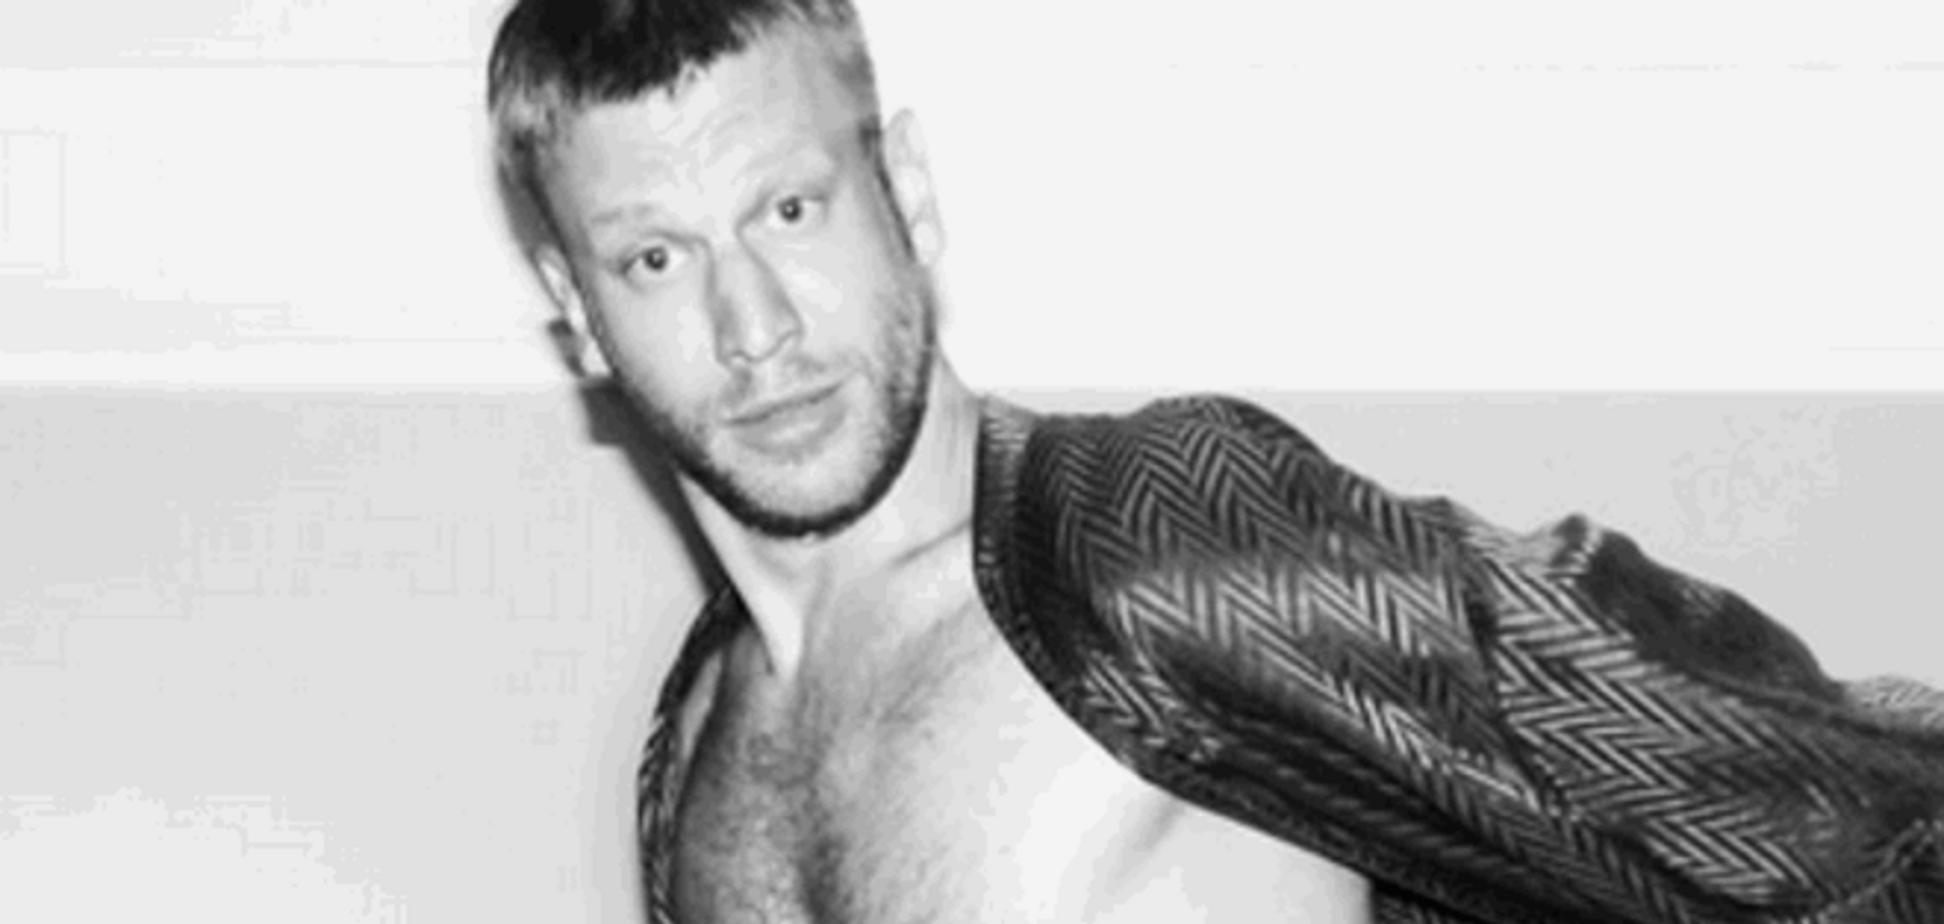 Пьяный Иван Дорн показал оголенное тело в белоснежных плавках